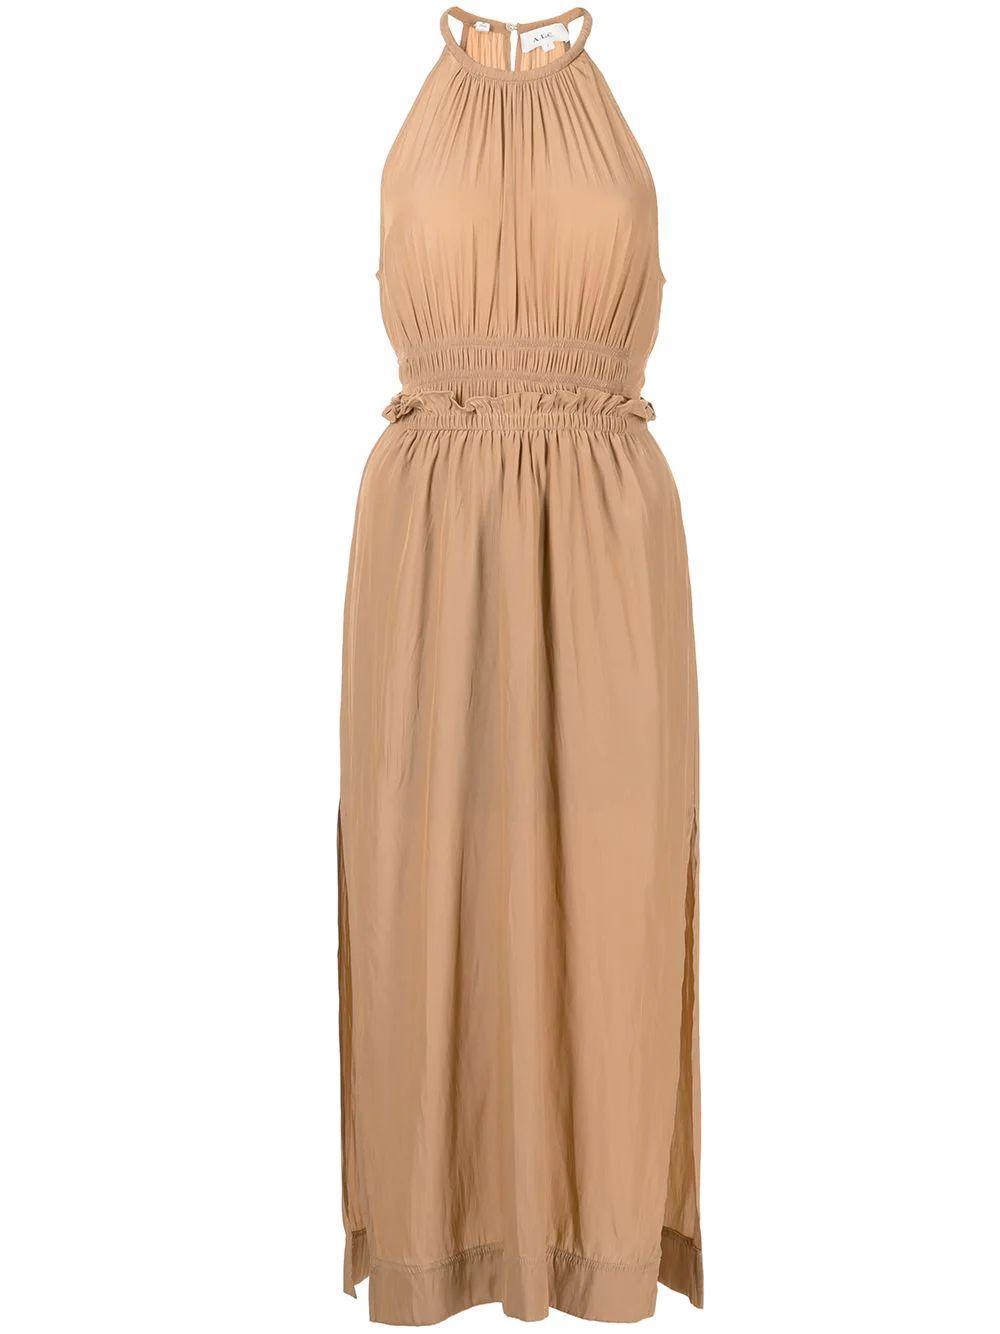 Klara Midi Dress